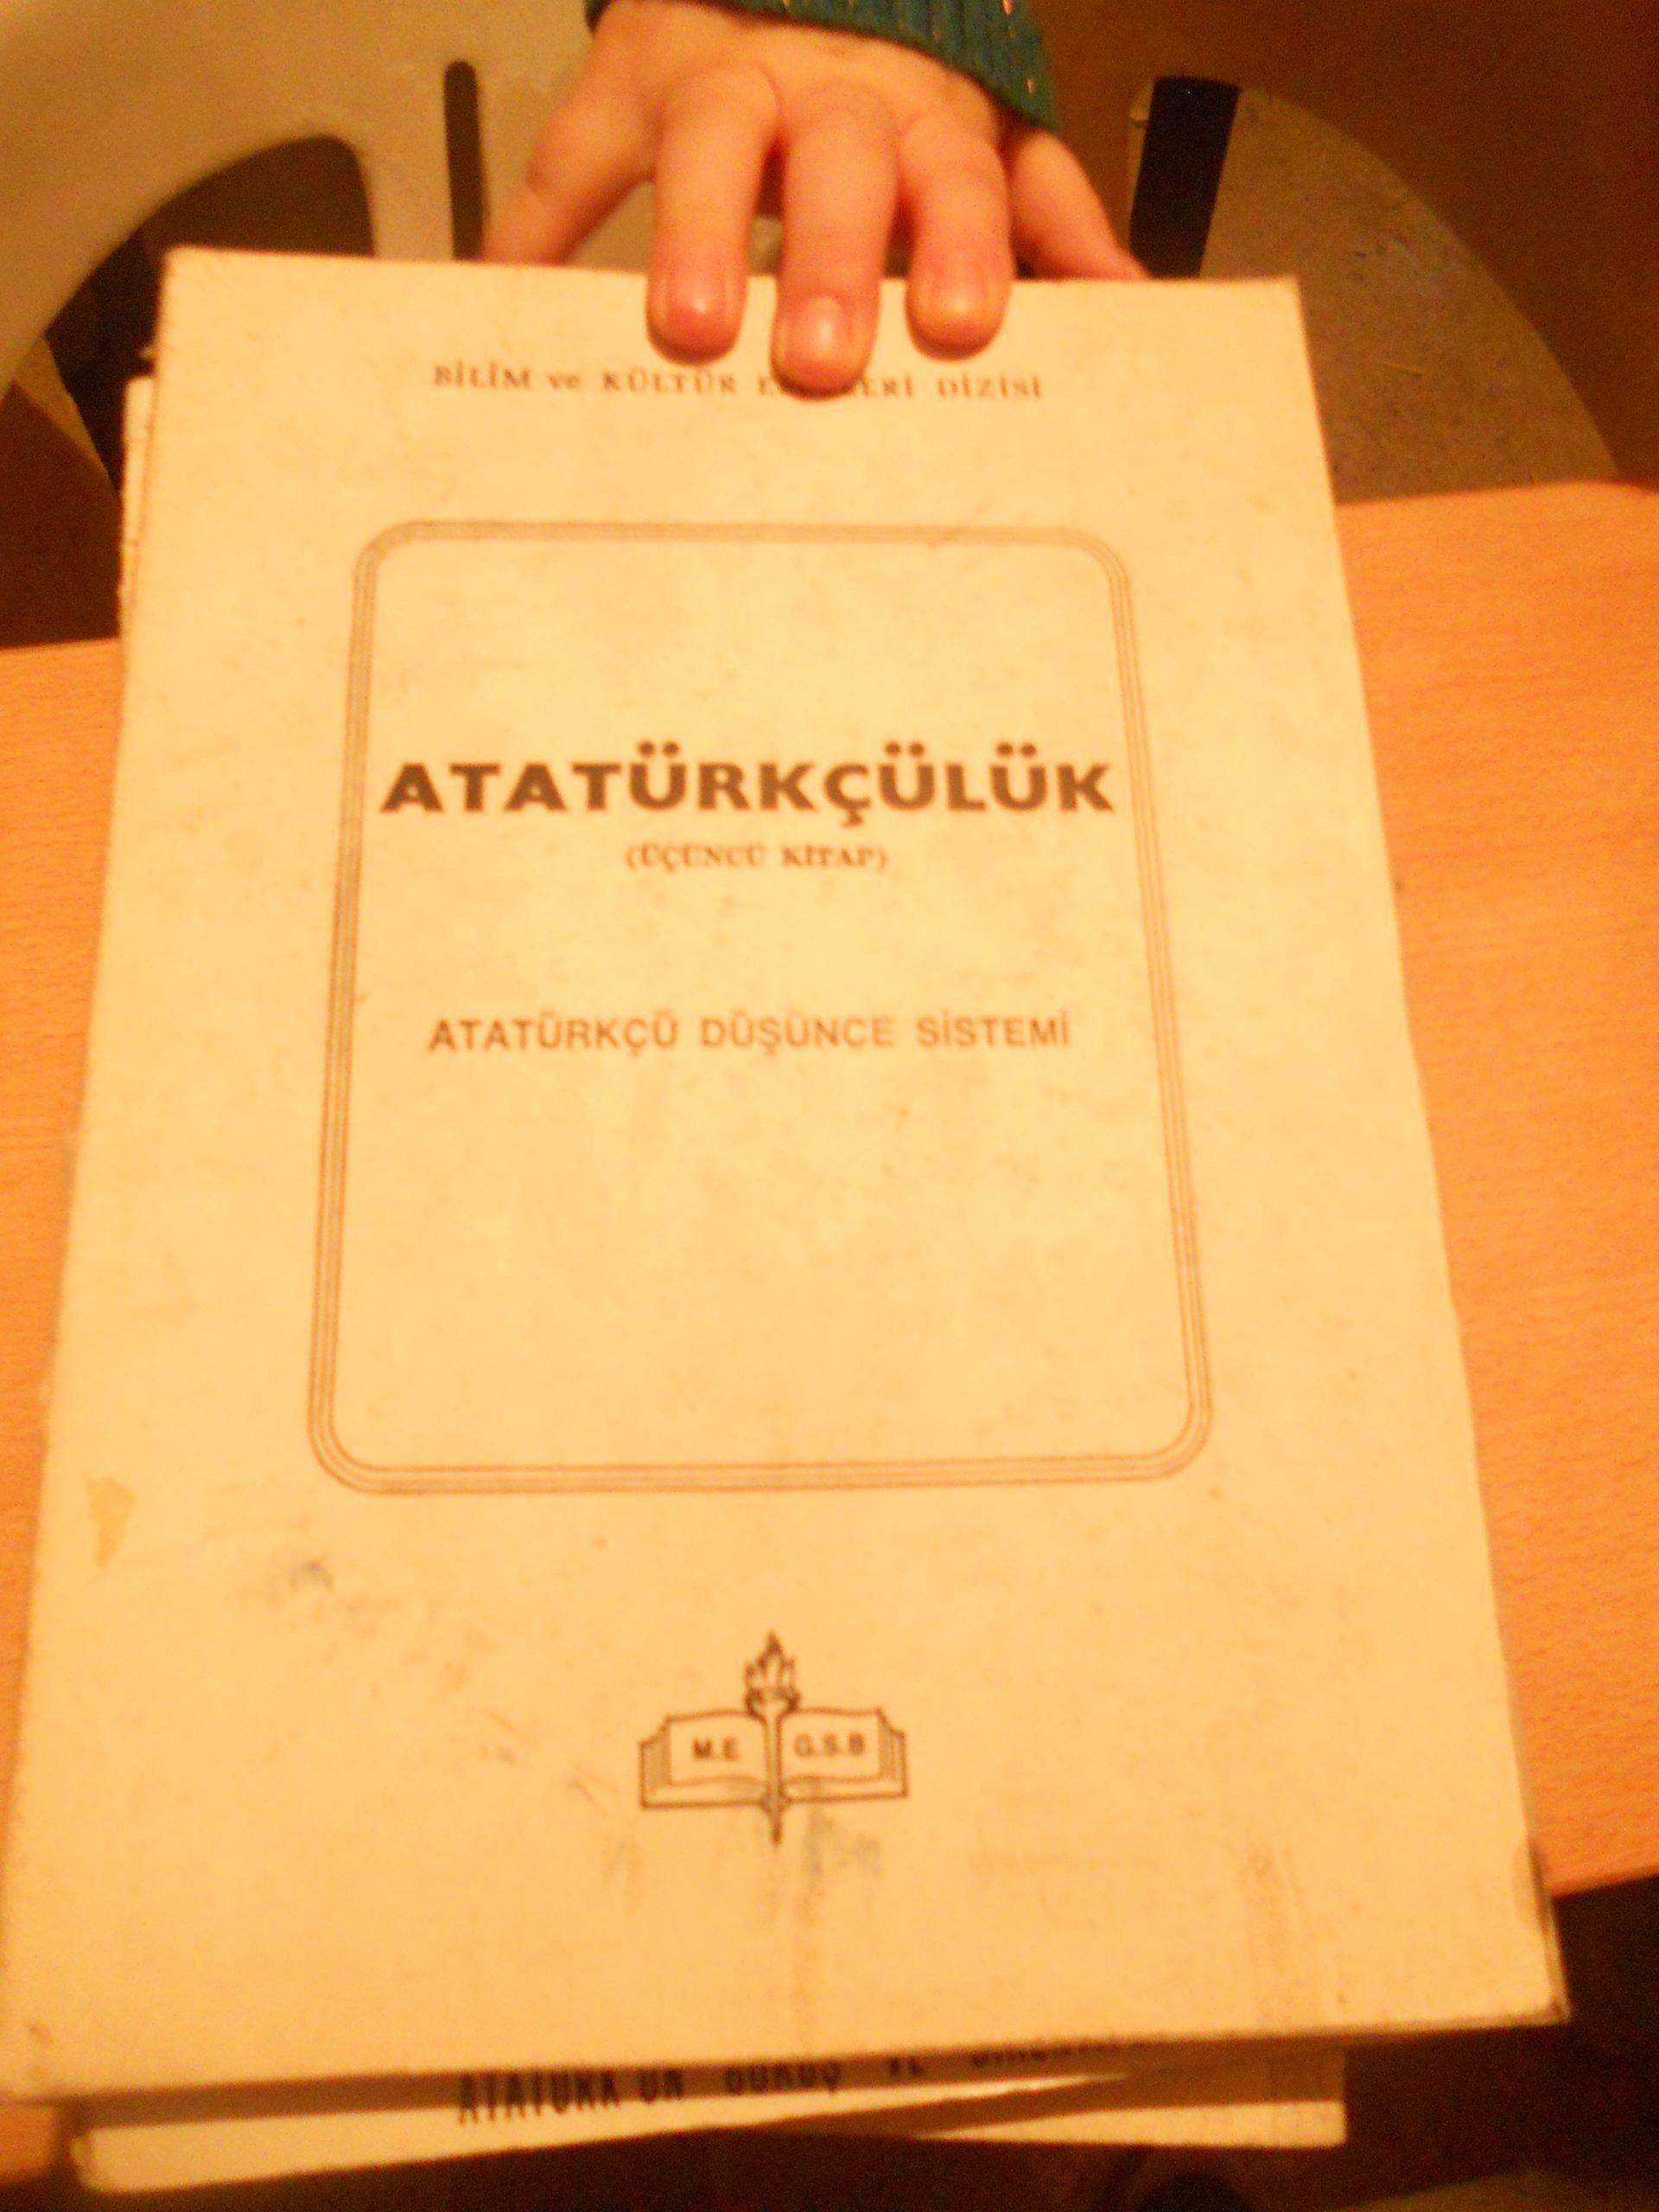 ATATÜRKÇÜLÜK I-II-III CİLT(Atatürk'ün görüş ve direktifleri) /TOPLAM 20 TL(SATILDI)